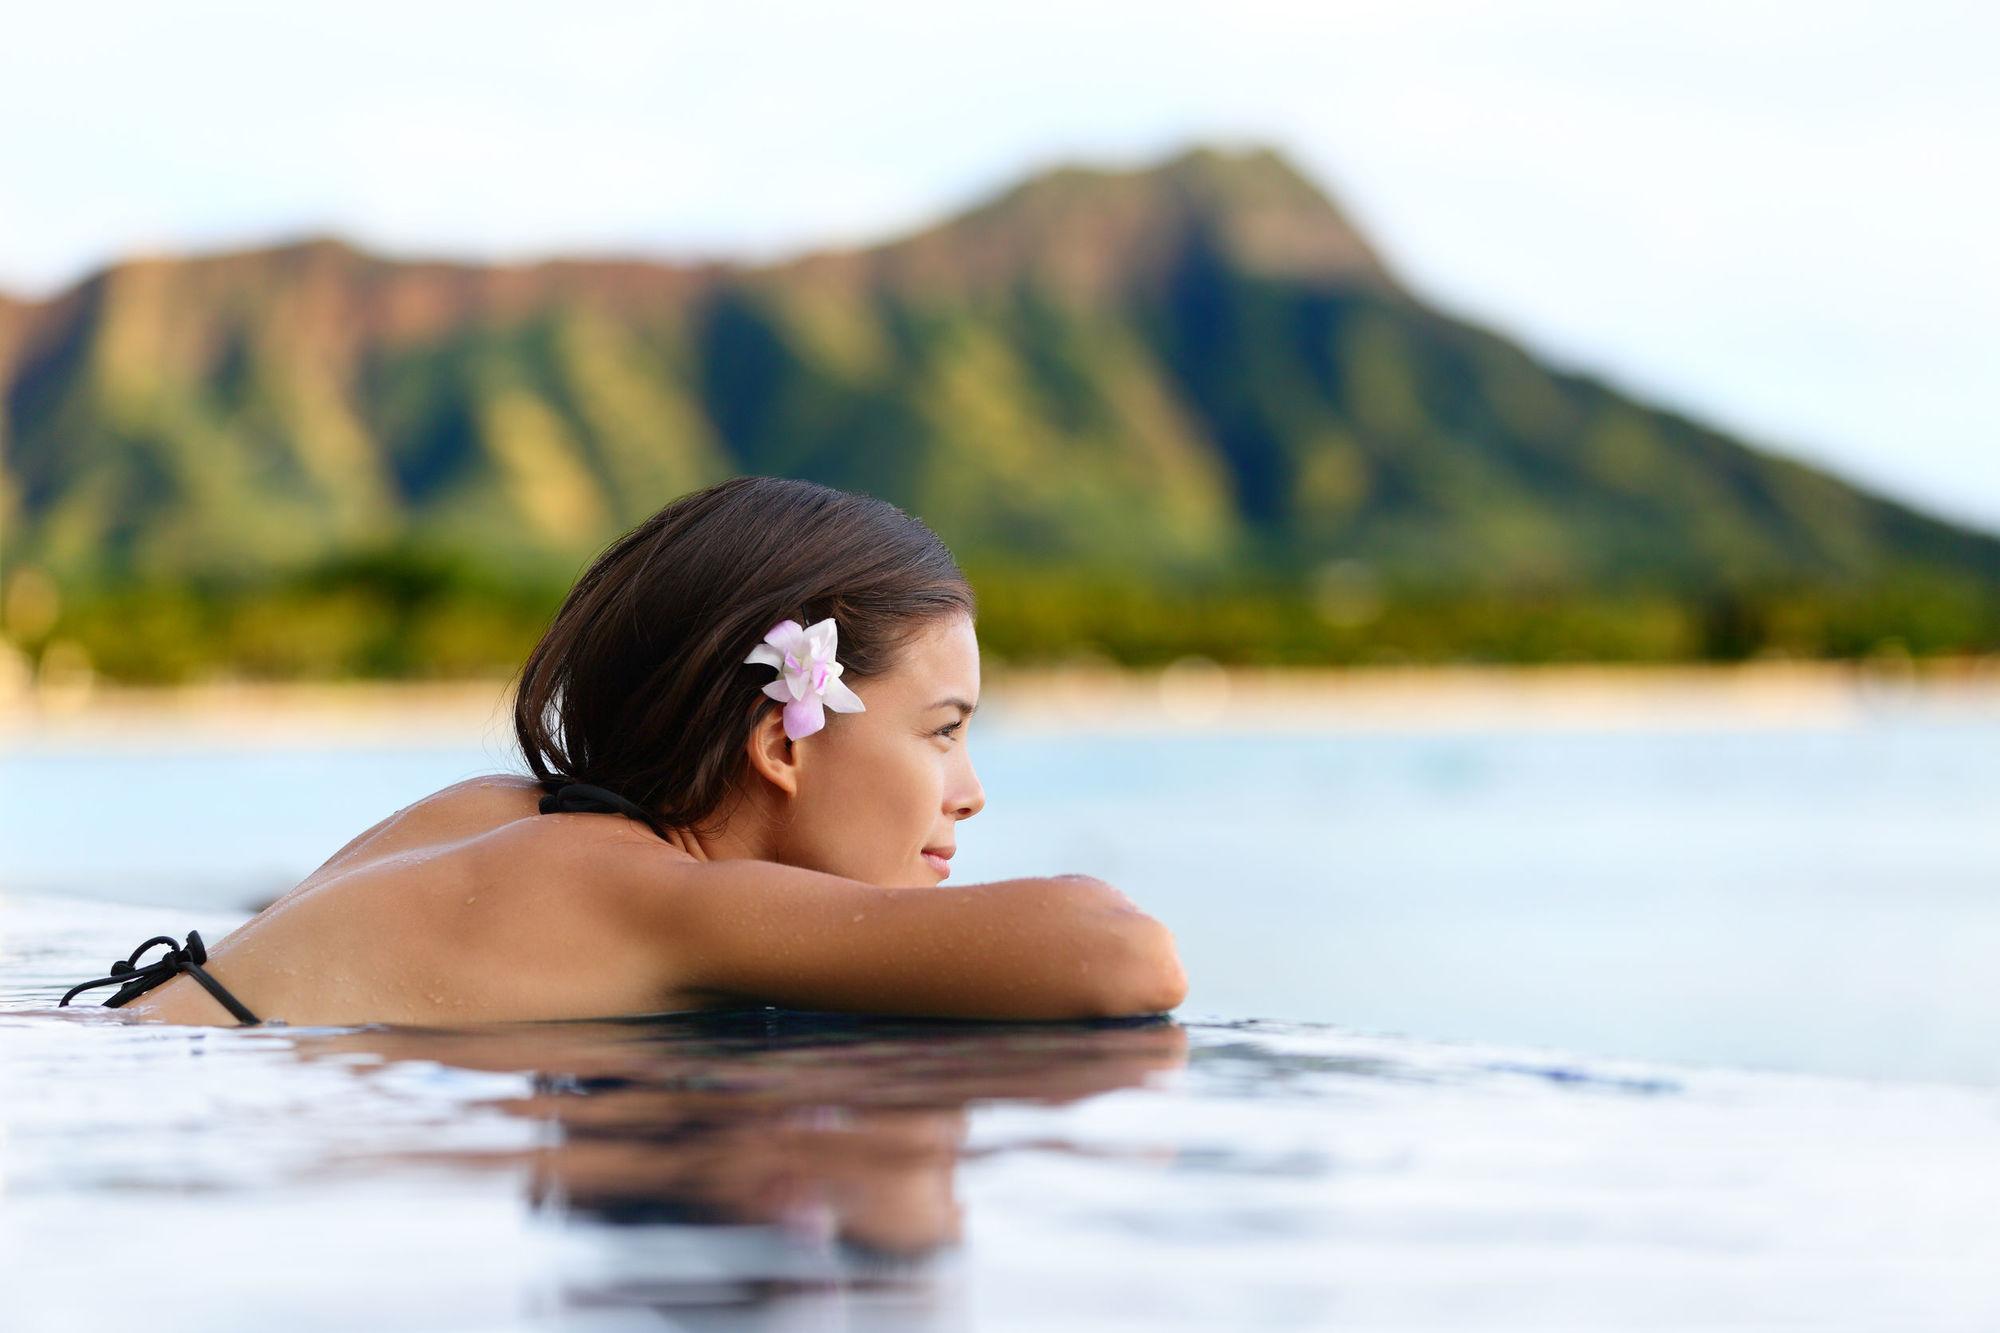 Chica relajada en el agua